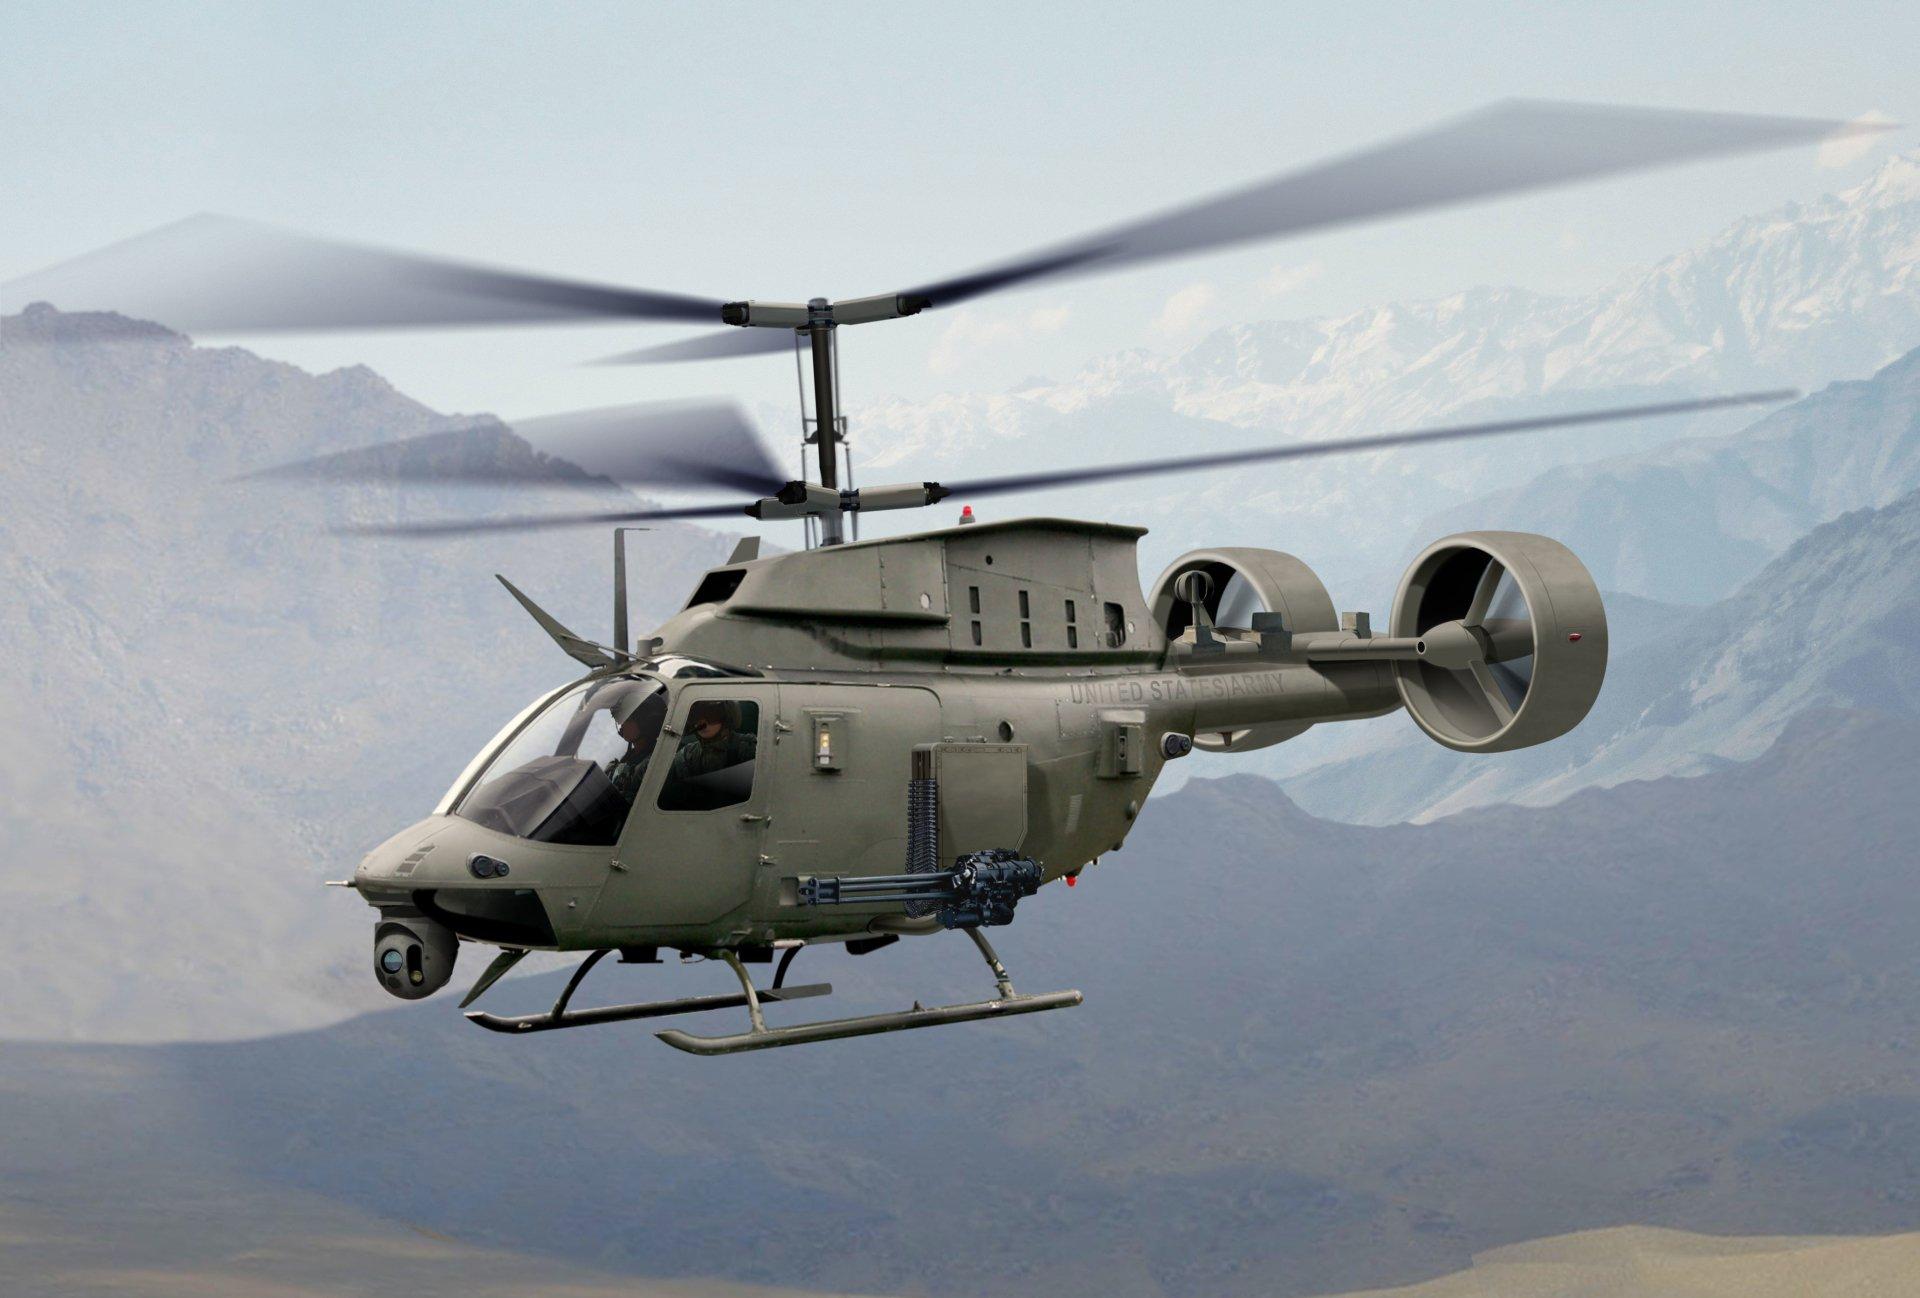 Helicoptero Hd Fondos De Escritorio: Helicopter 4k Ultra HD Fondo De Pantalla And Fondo De